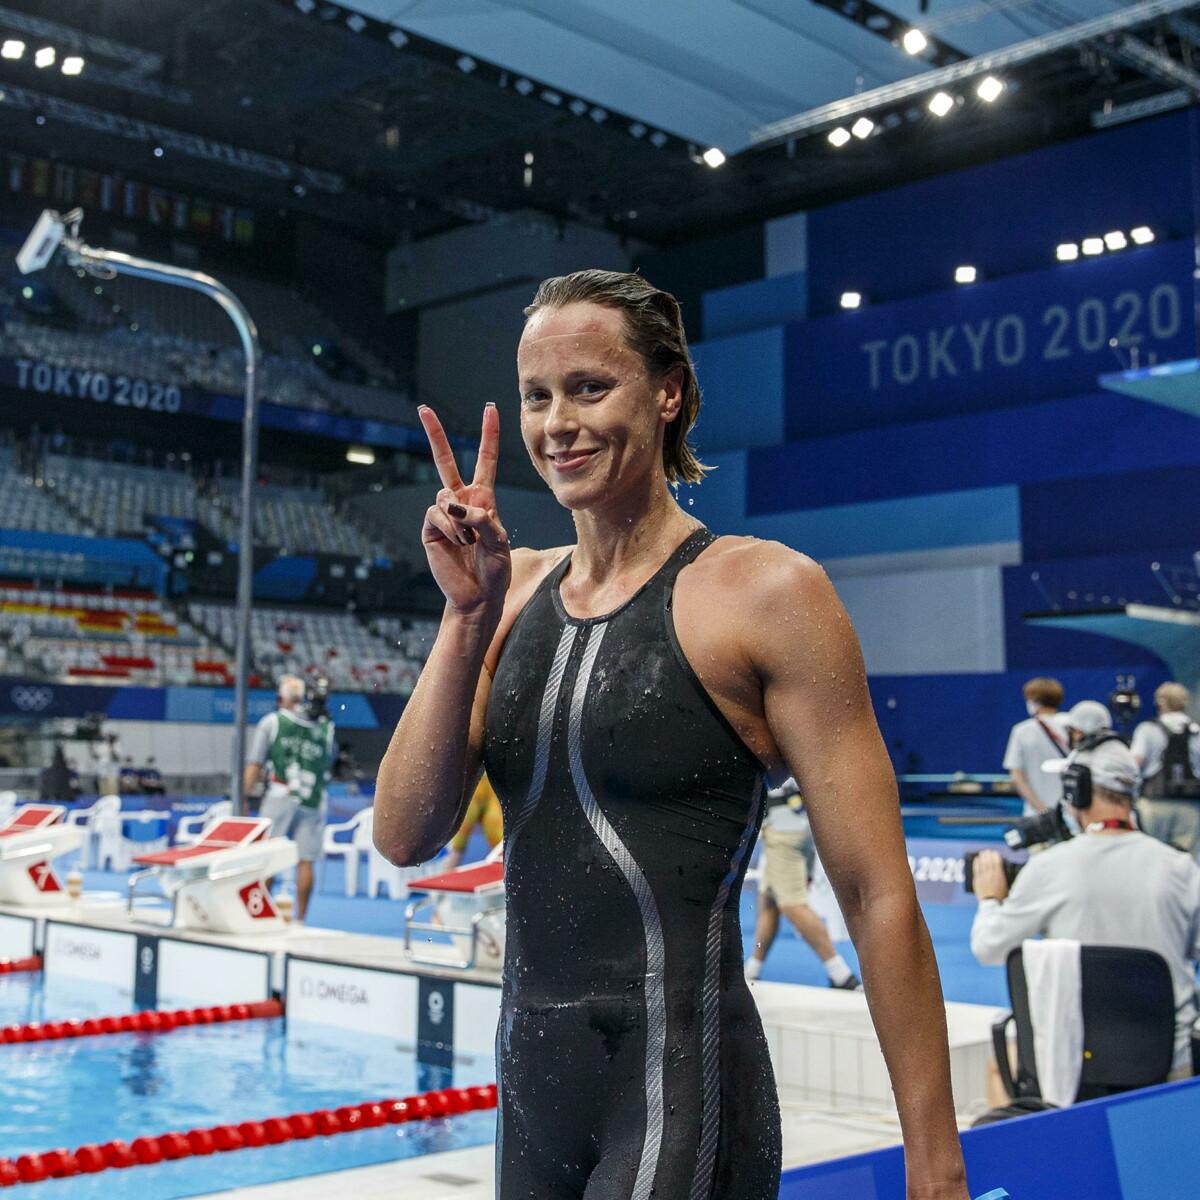 Federica Pellegrini nella storia: è la quinta finale olimpica consecutiva nei 200 stile